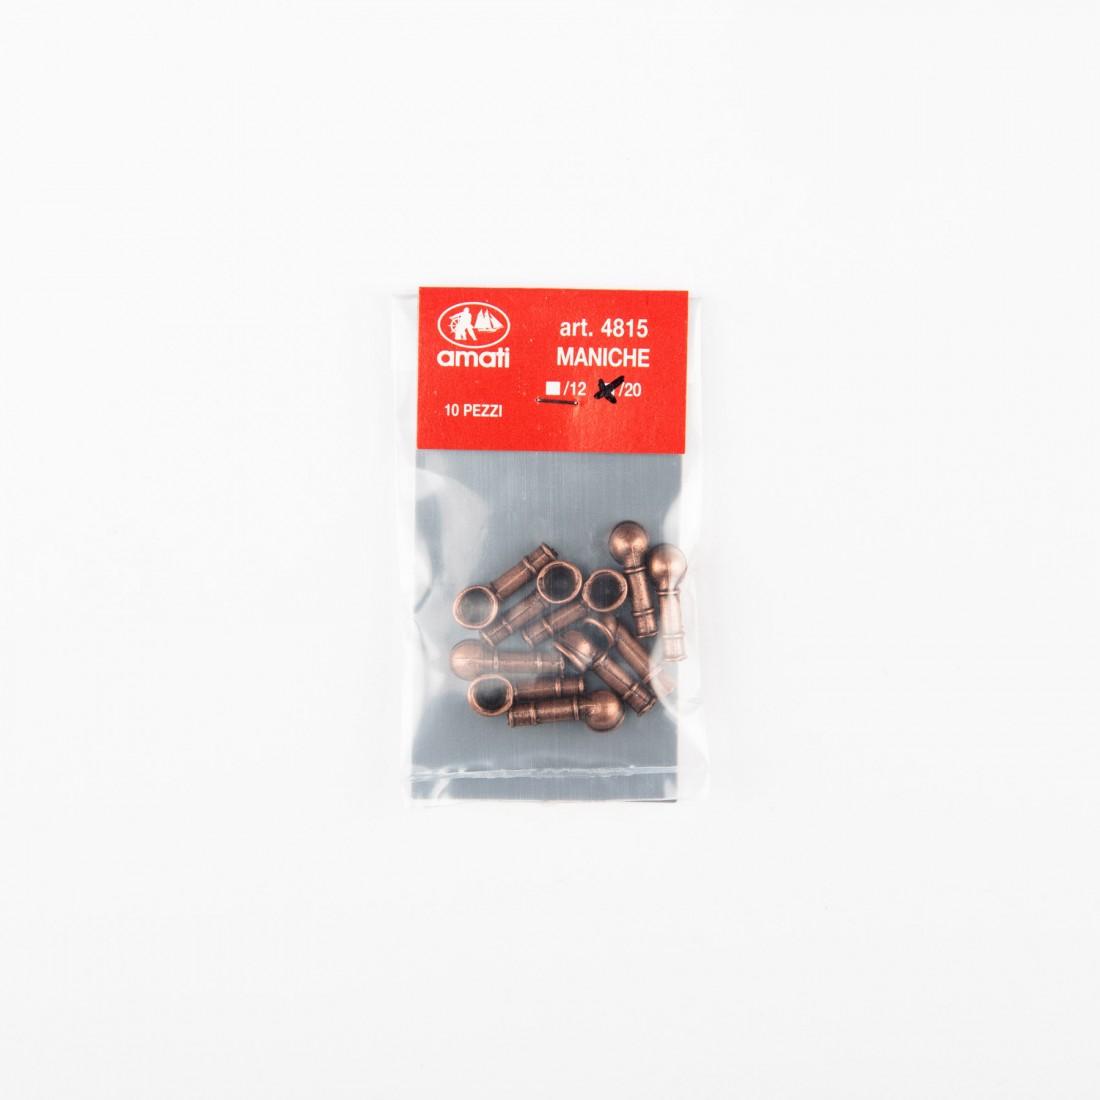 Metal ventilators mm.20